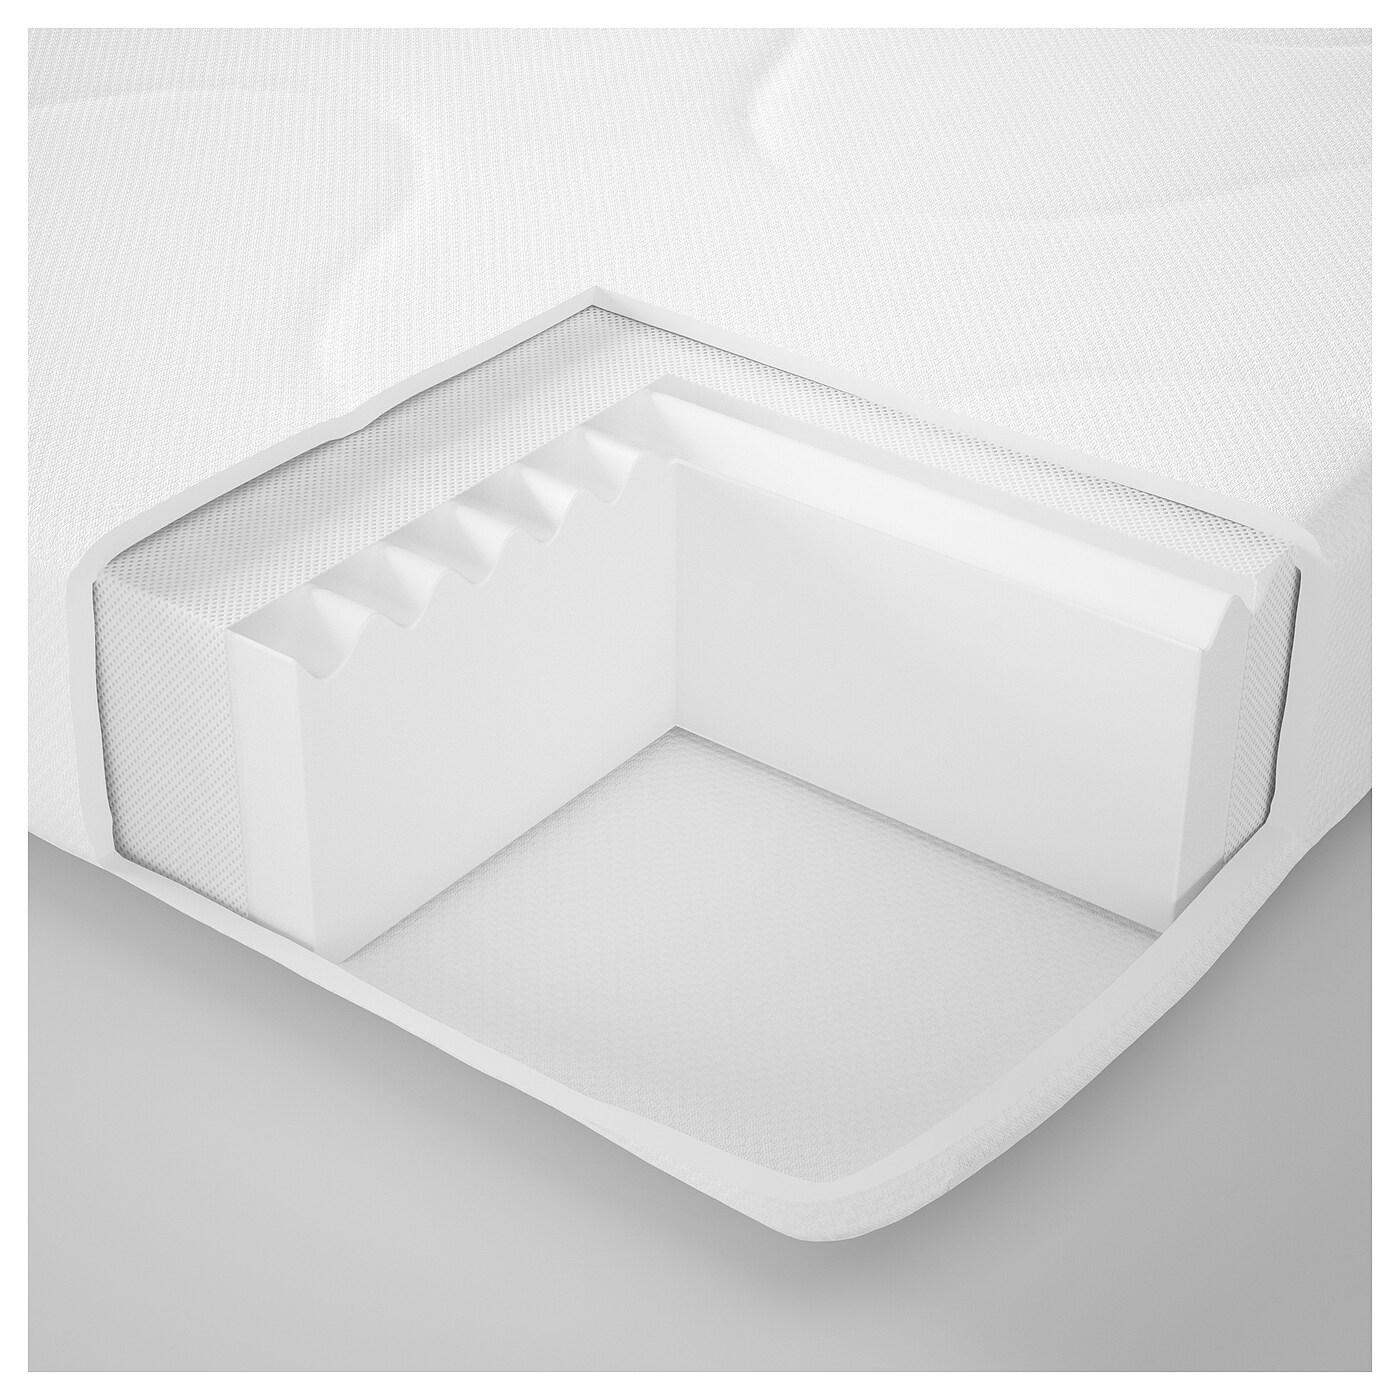 krummelur matelas mousse pour lit b b 60x120x8 cm ikea. Black Bedroom Furniture Sets. Home Design Ideas